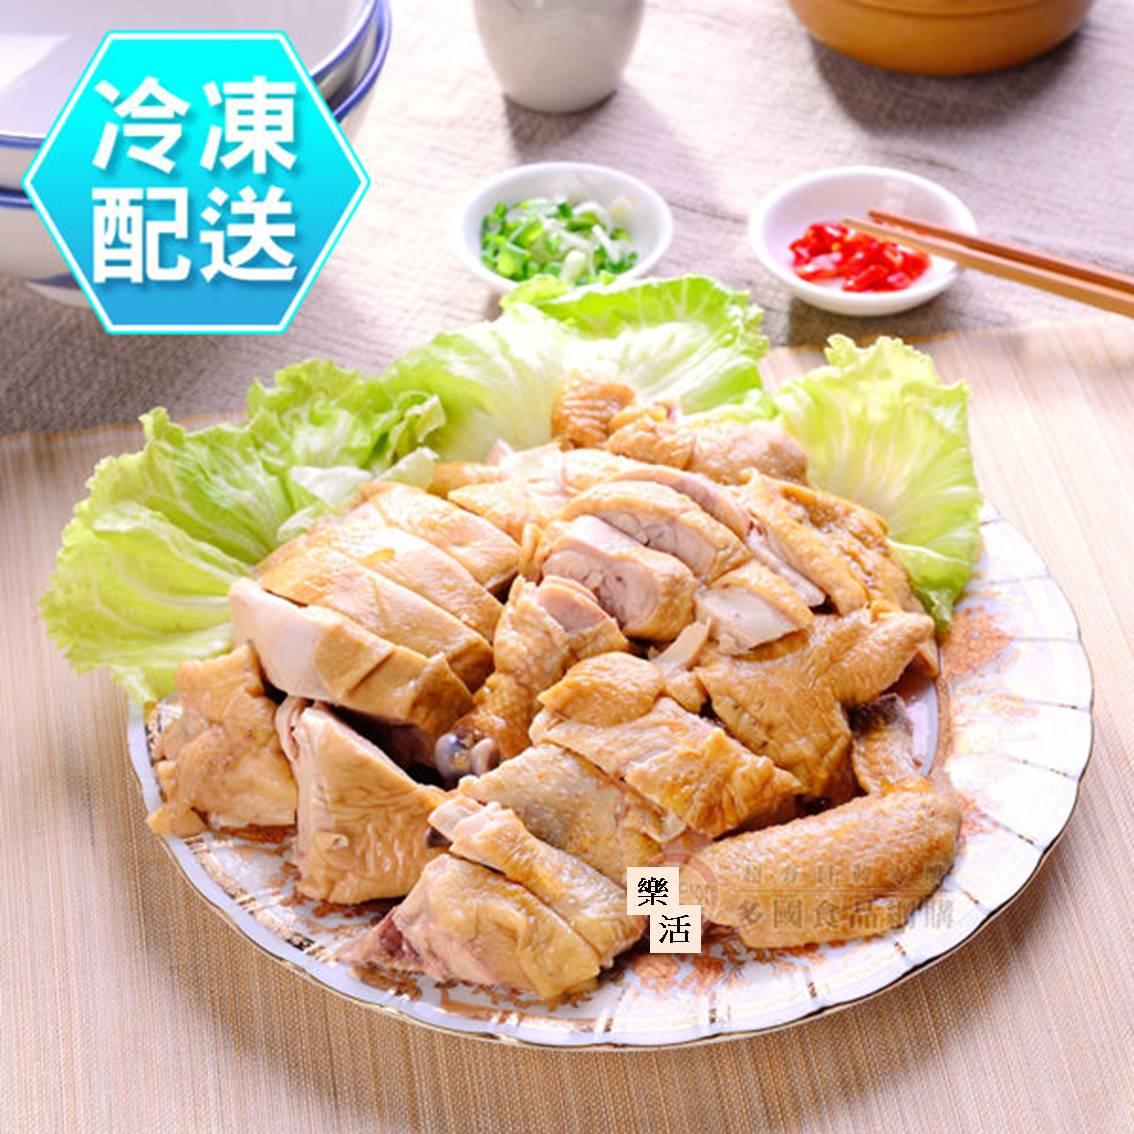 鹽水珍珠雞 (切盤)800g 冷凍配送  樂活生活館   蔗雞王